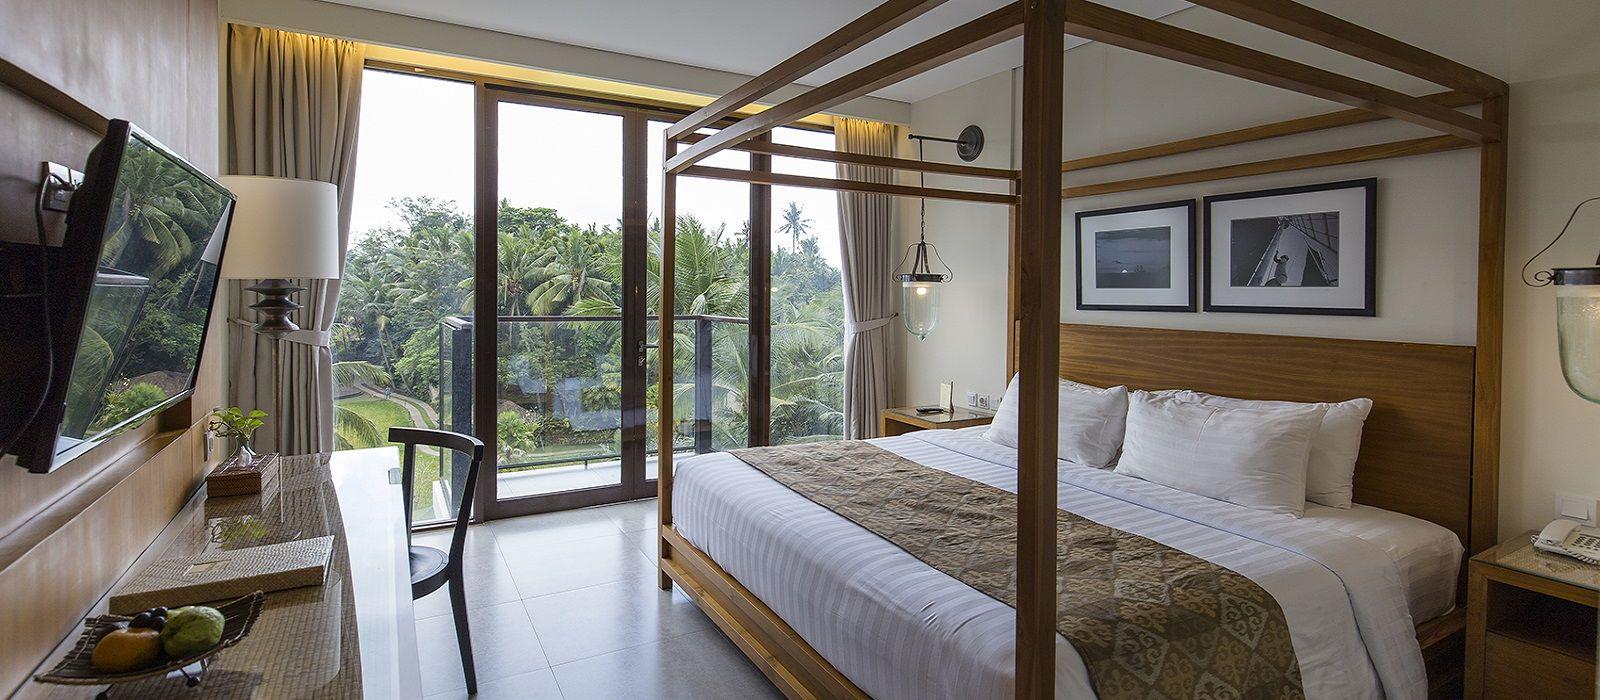 Hotel Plataran Ubud  & Spa Indonesia